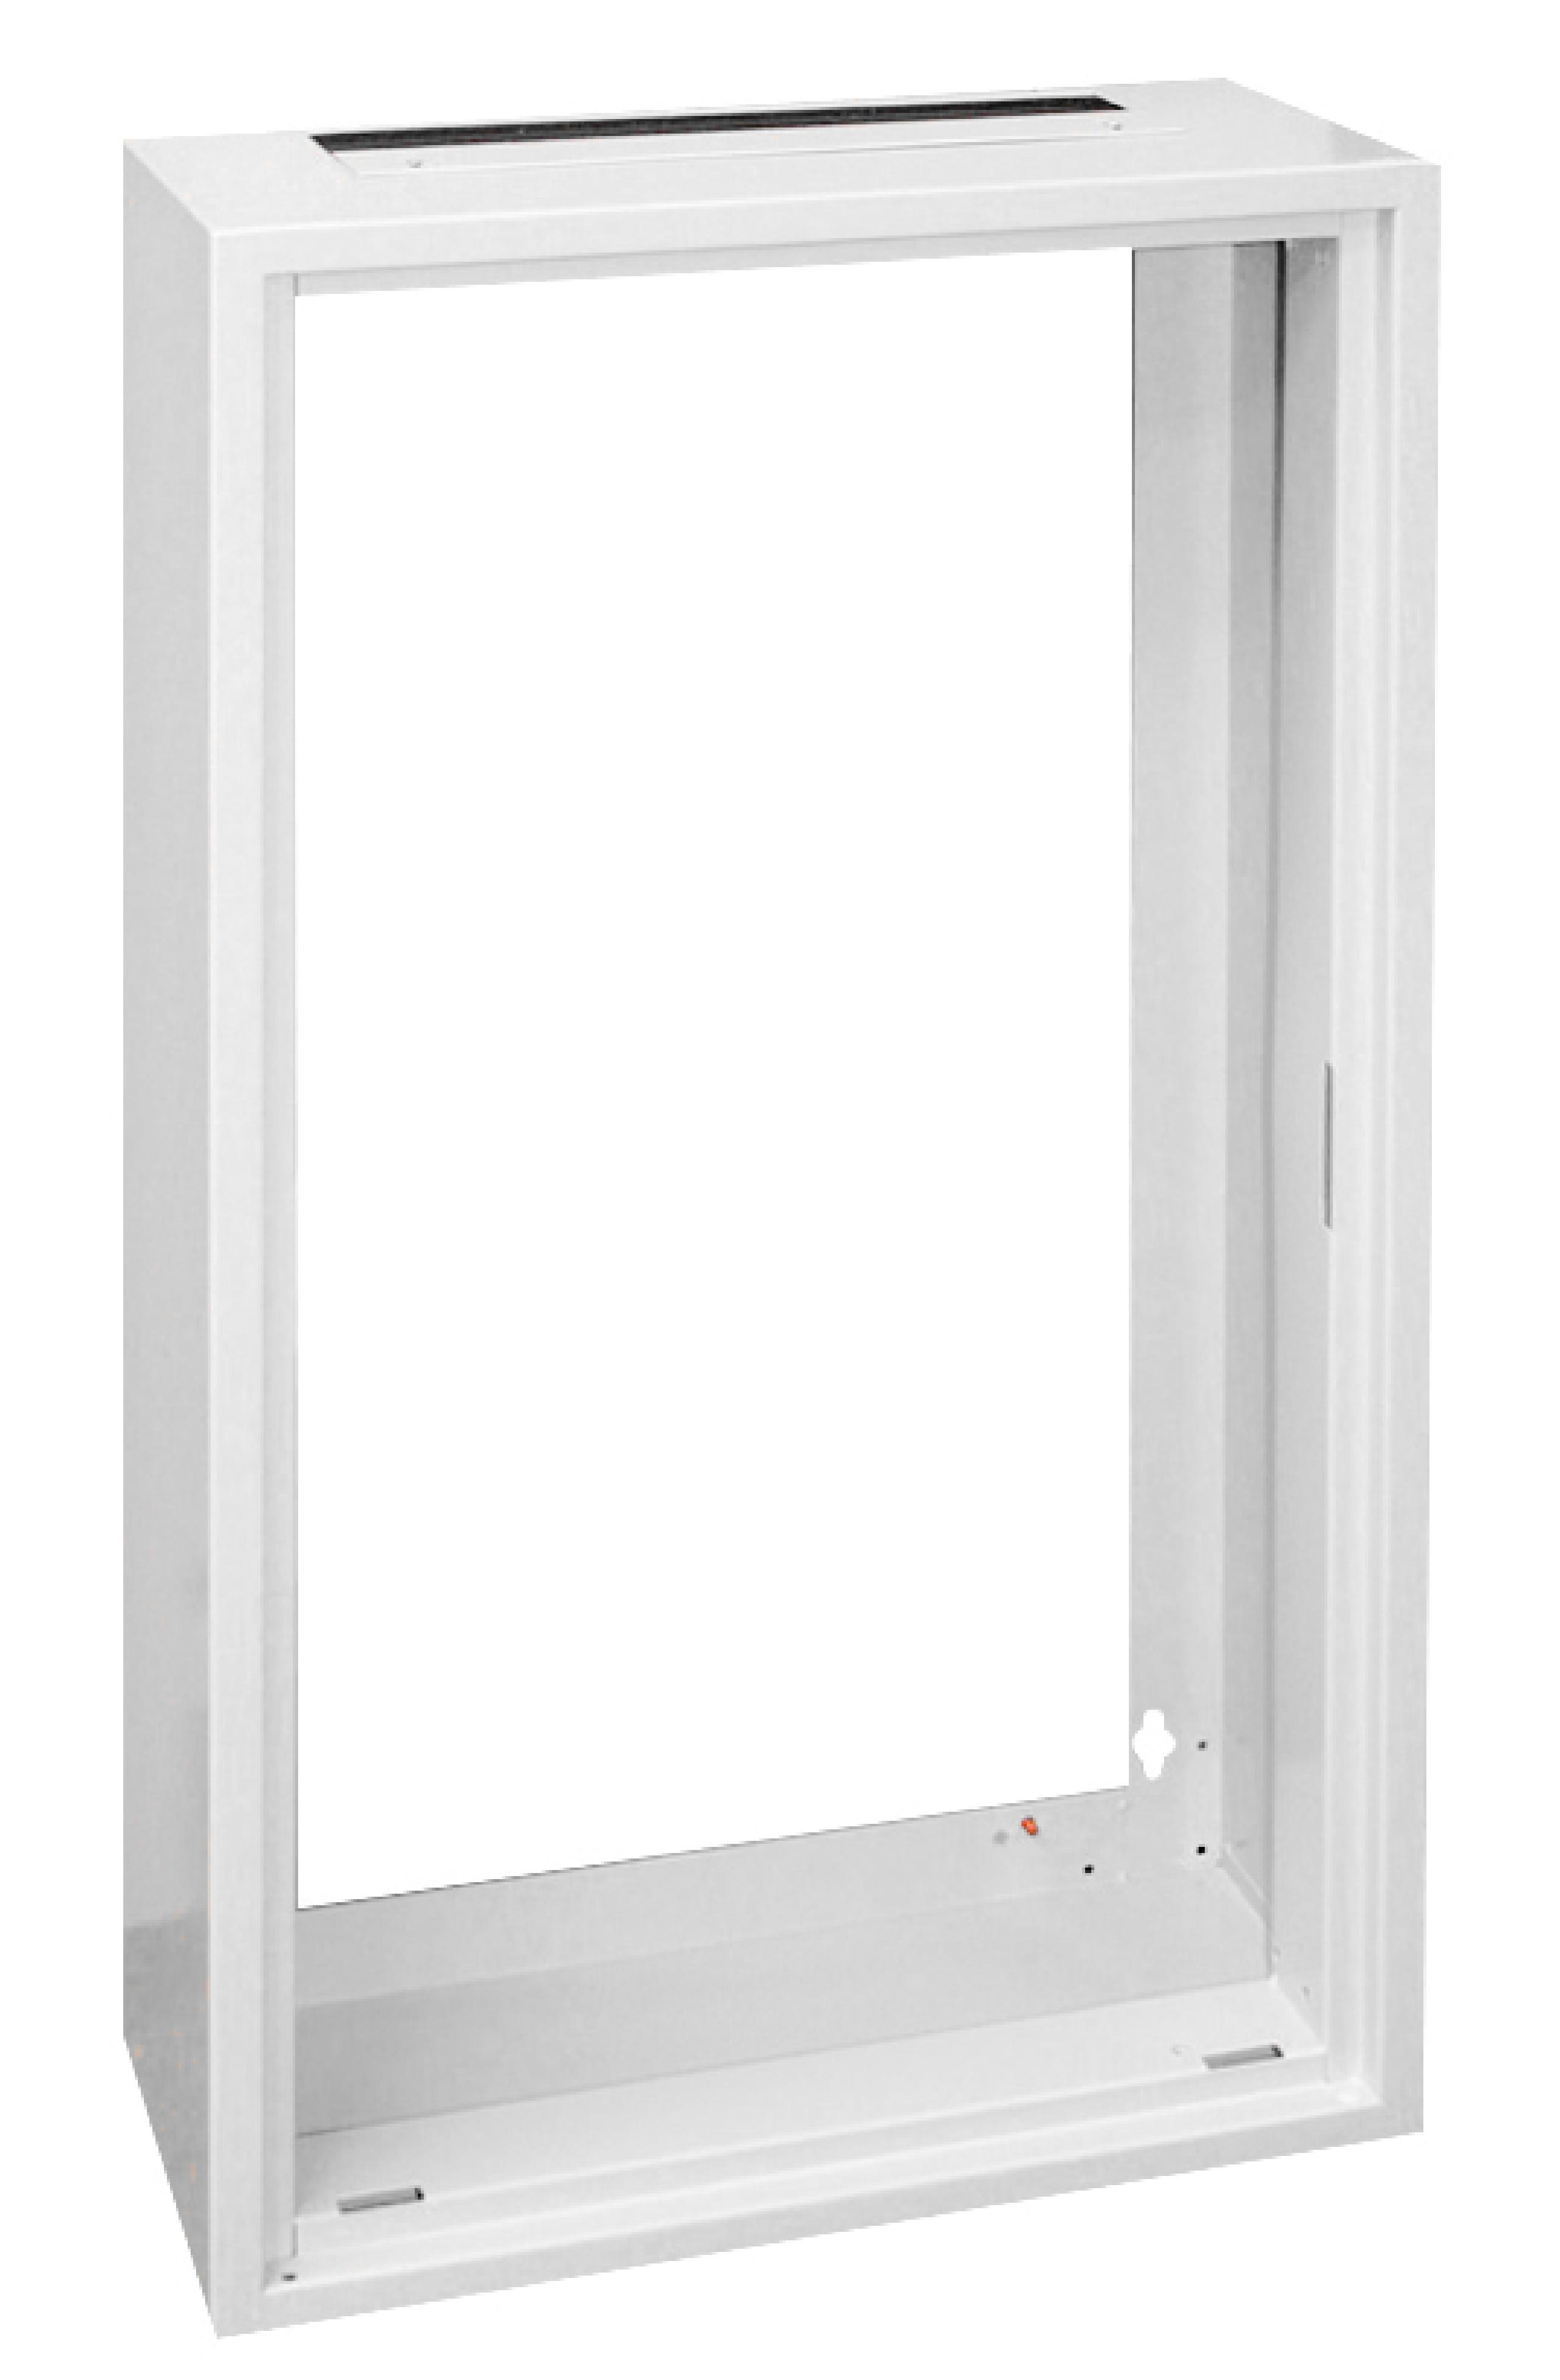 1 Stk AP-Rahmen ohne Türe und Rückwand 3A-33, H1605B810T250mm IL001333-F